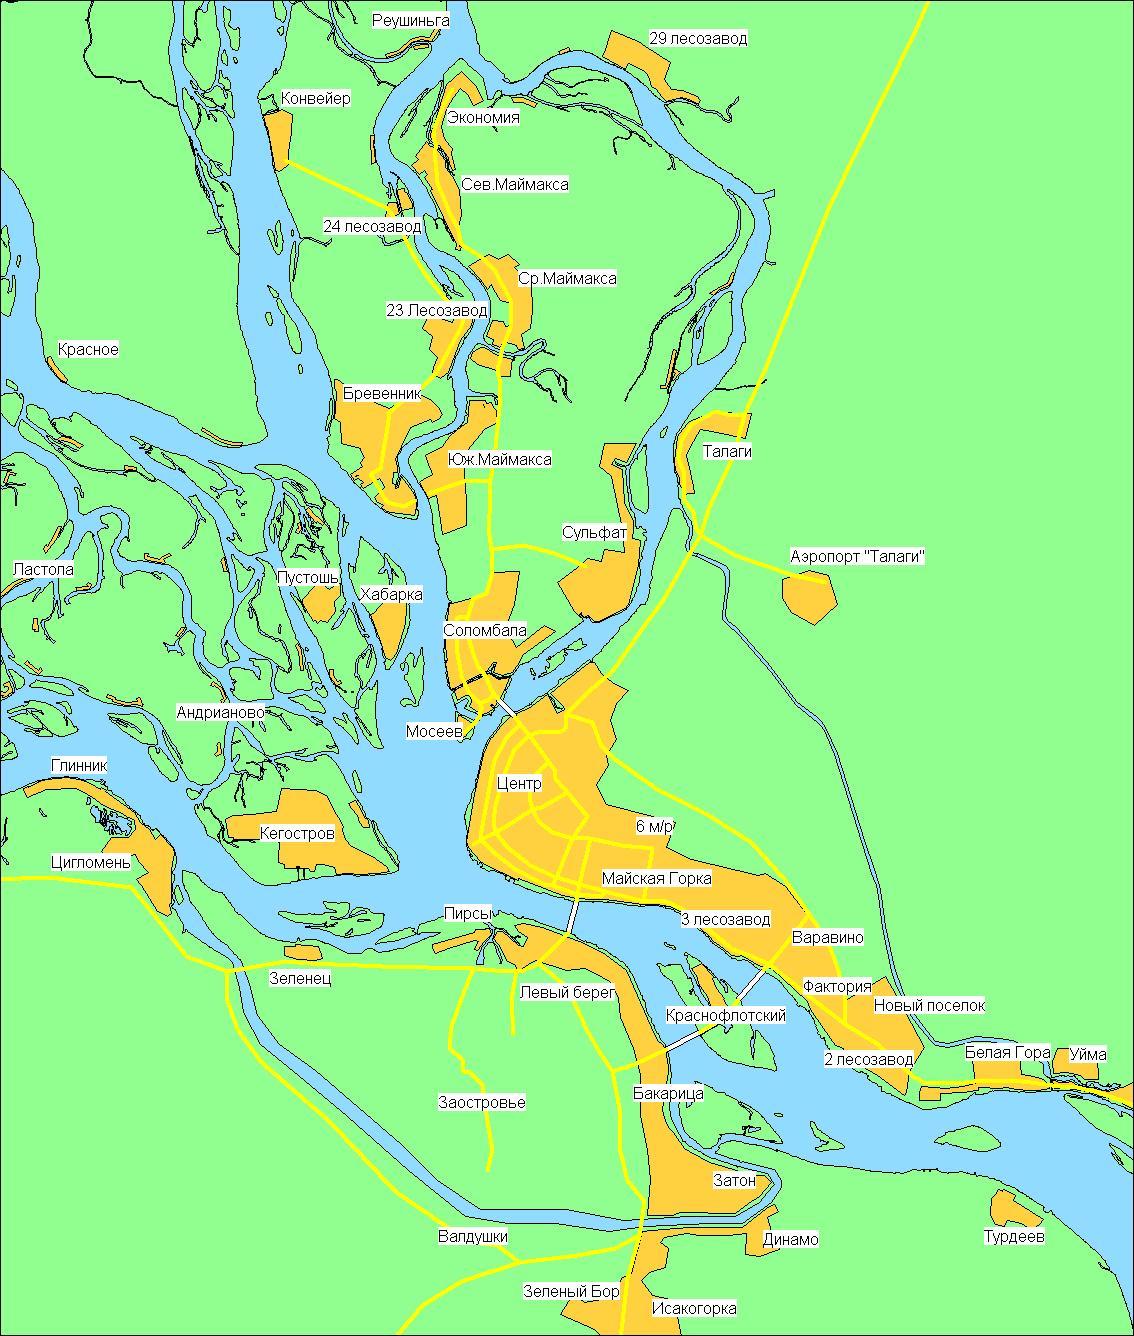 карта конвейера архангельск